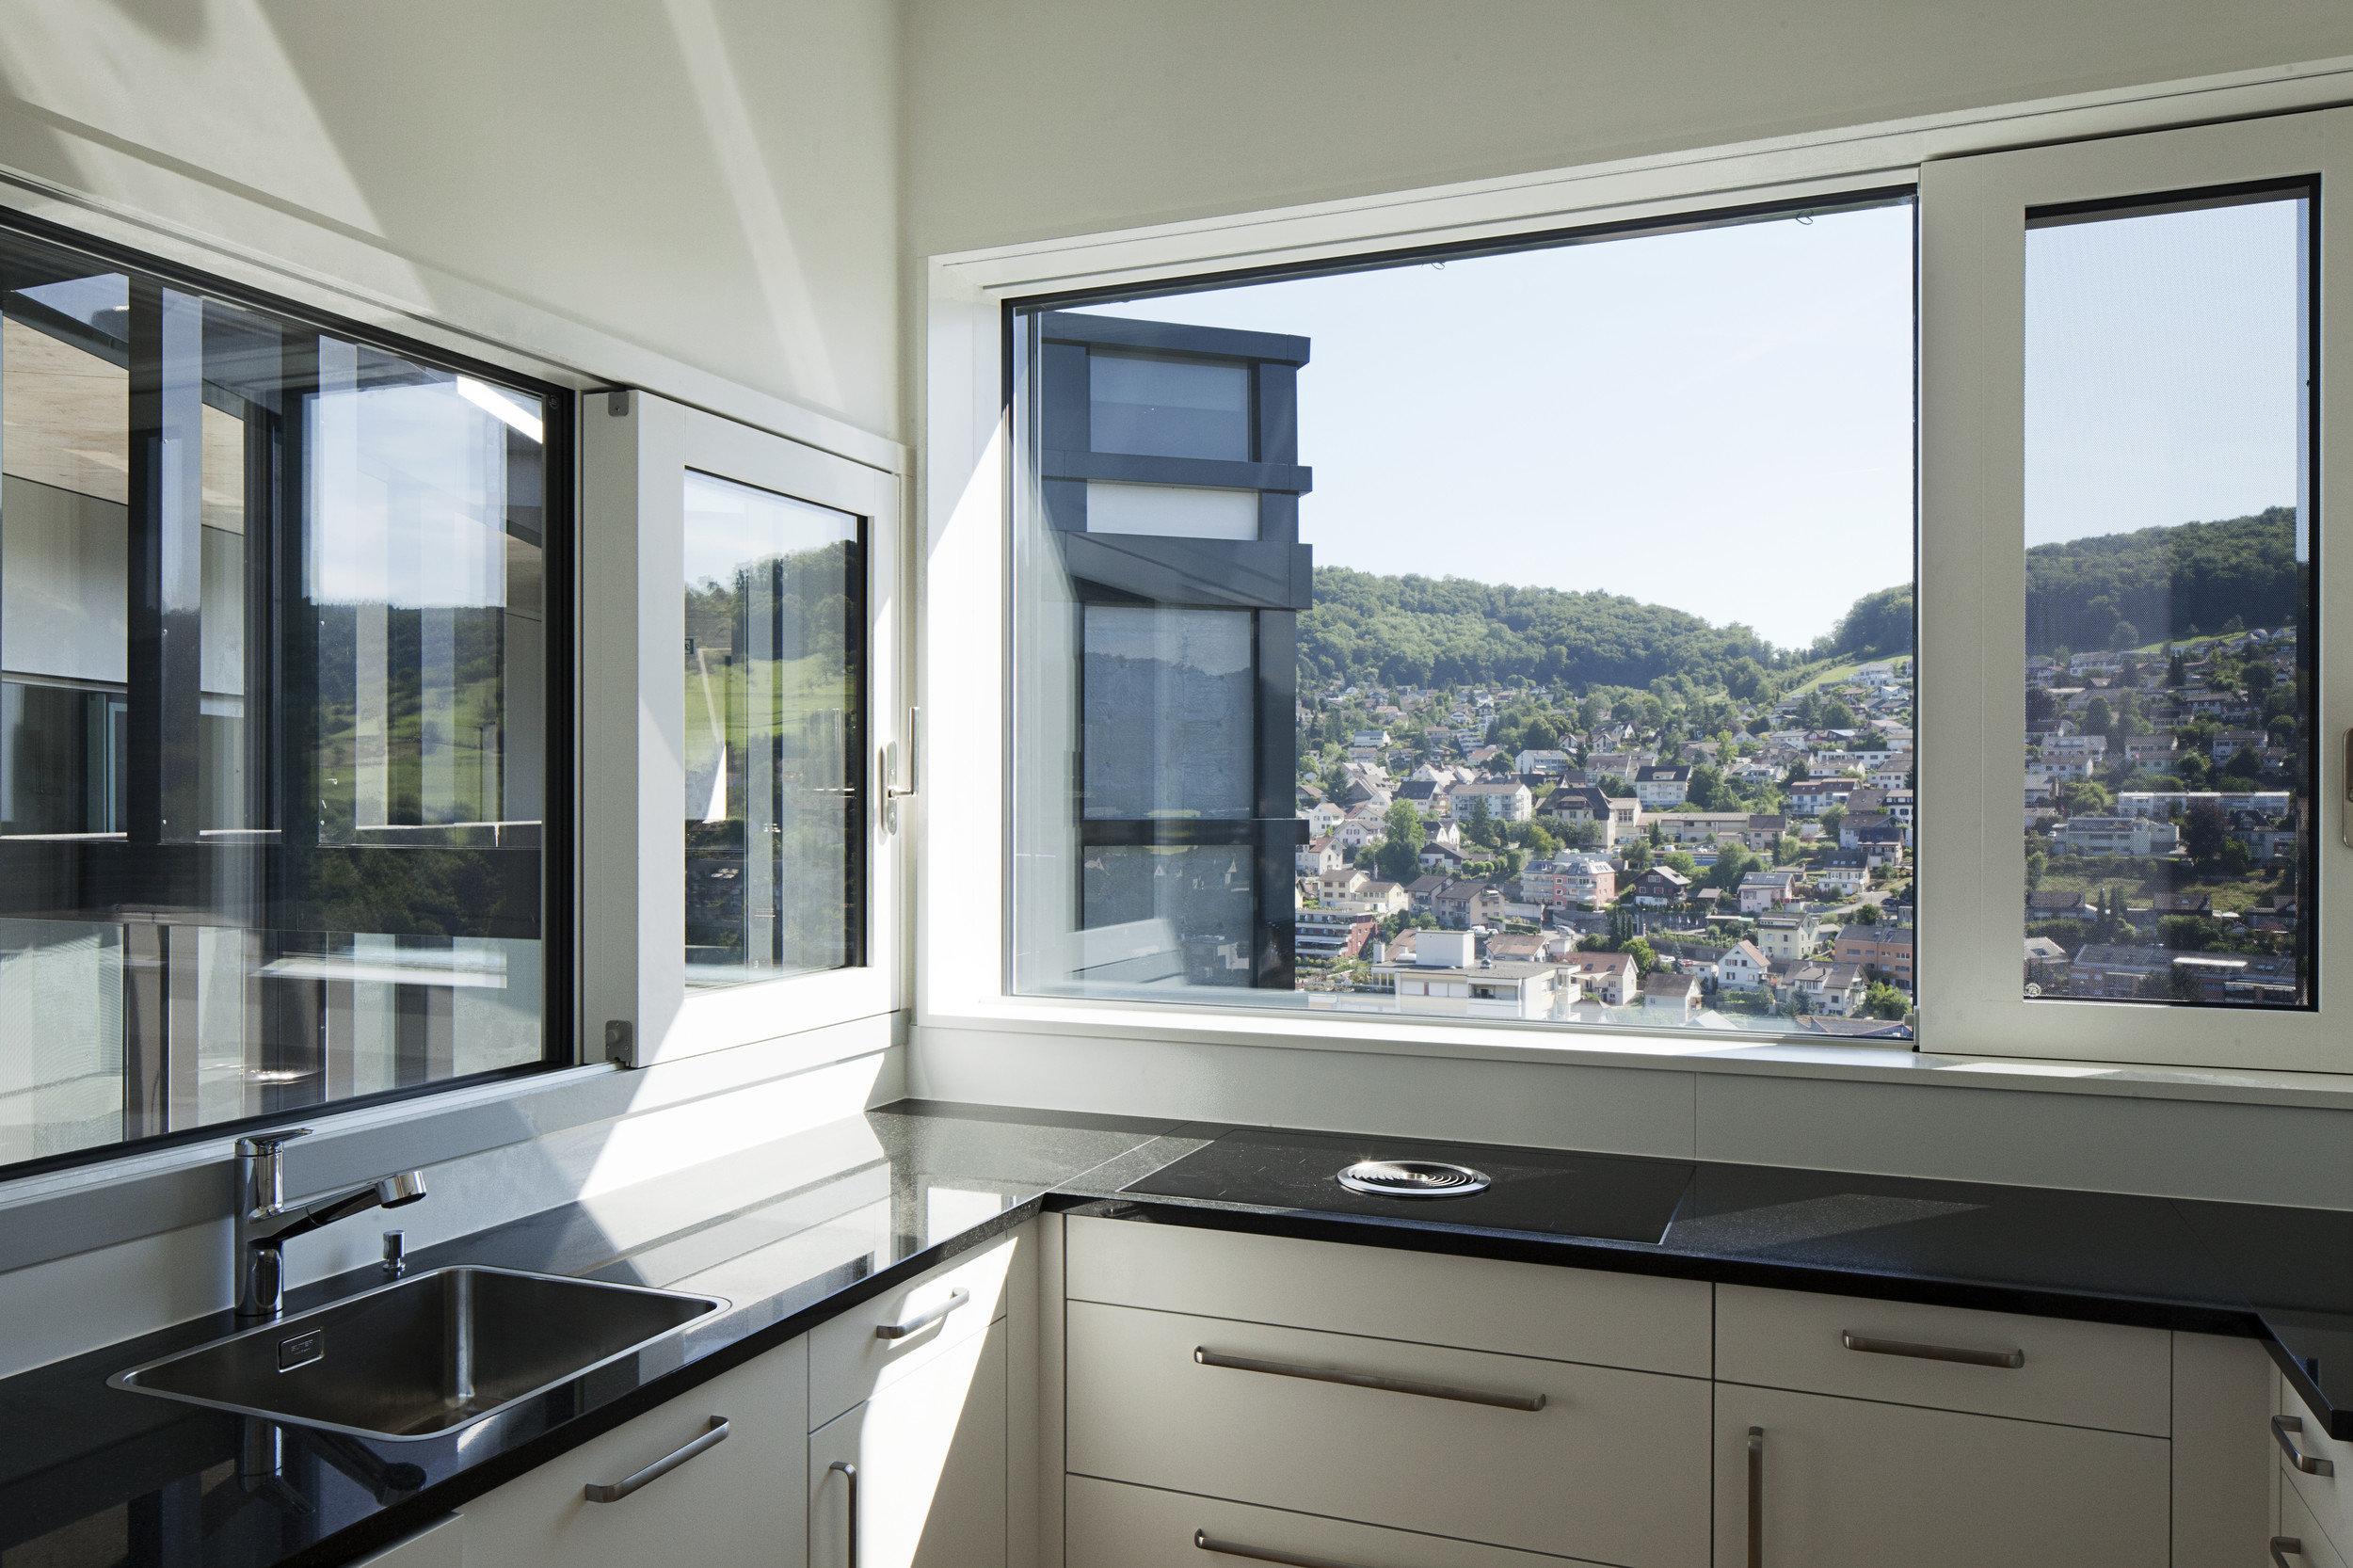 Einbauküche mit grosser Fensterfront in schlichtem und modernem Stil